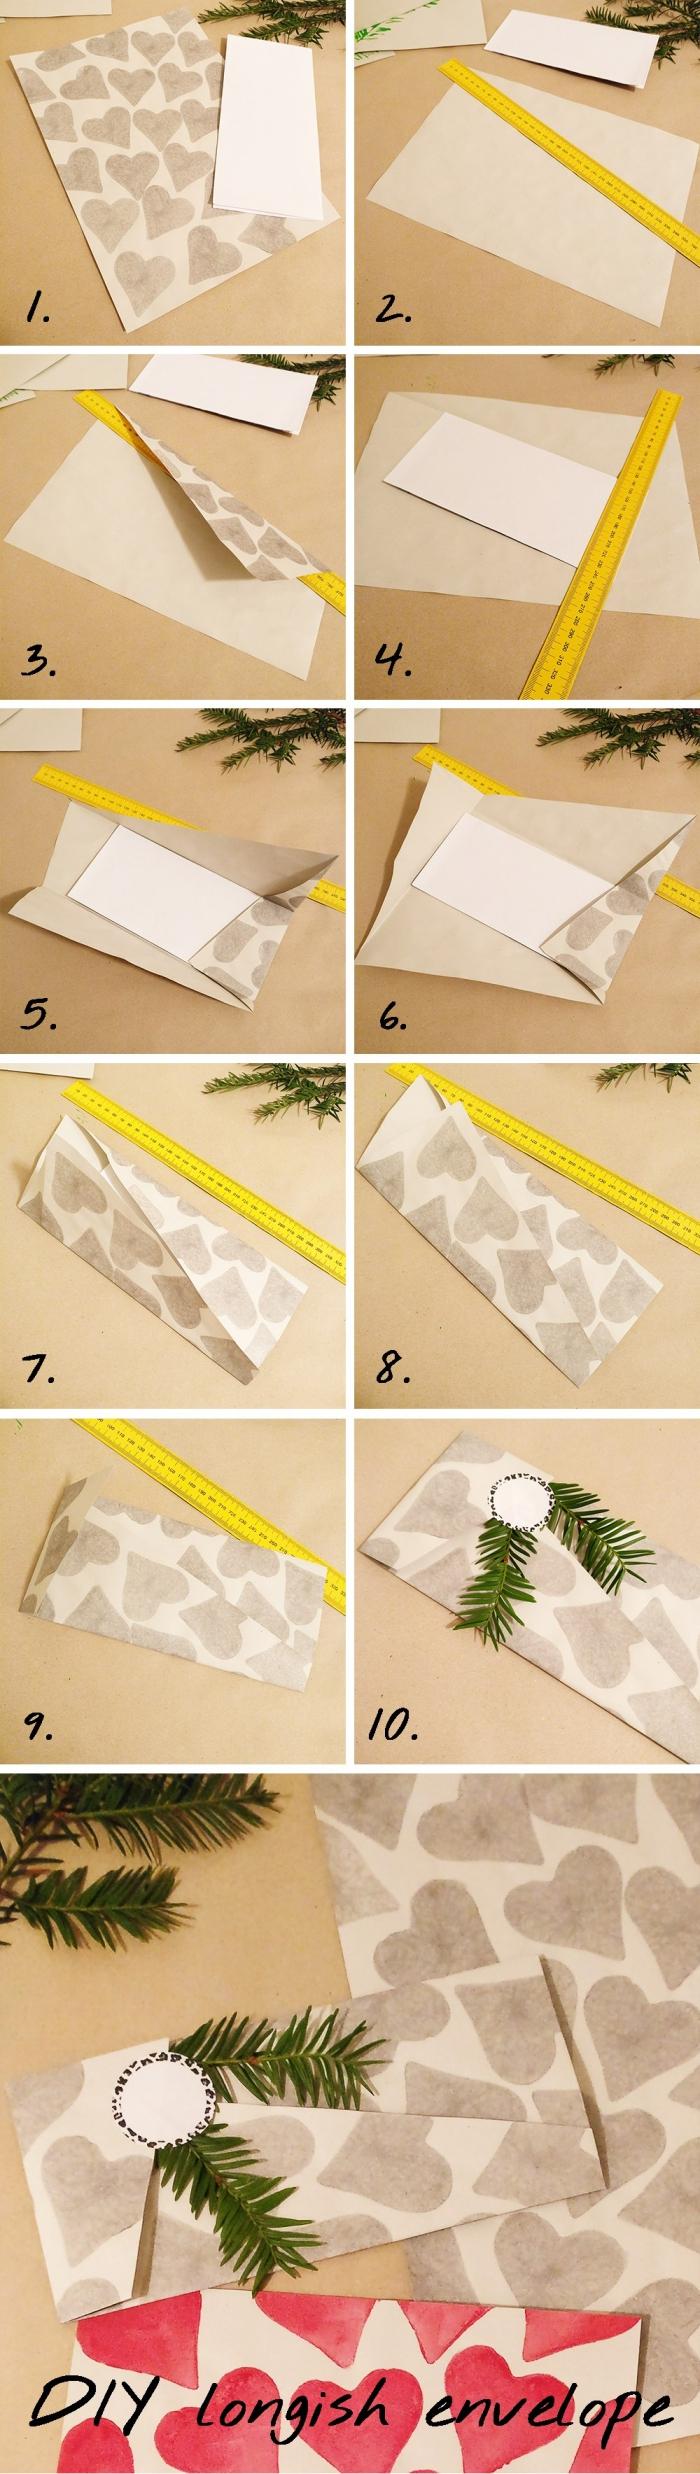 idée d'emballage de noël à faire soi-même, faire une enveloppe avec une feuille a4 imprimé coeurs, enveloppe de noël naturelle avec rabat asymétrique décorée avec une branche de sapin